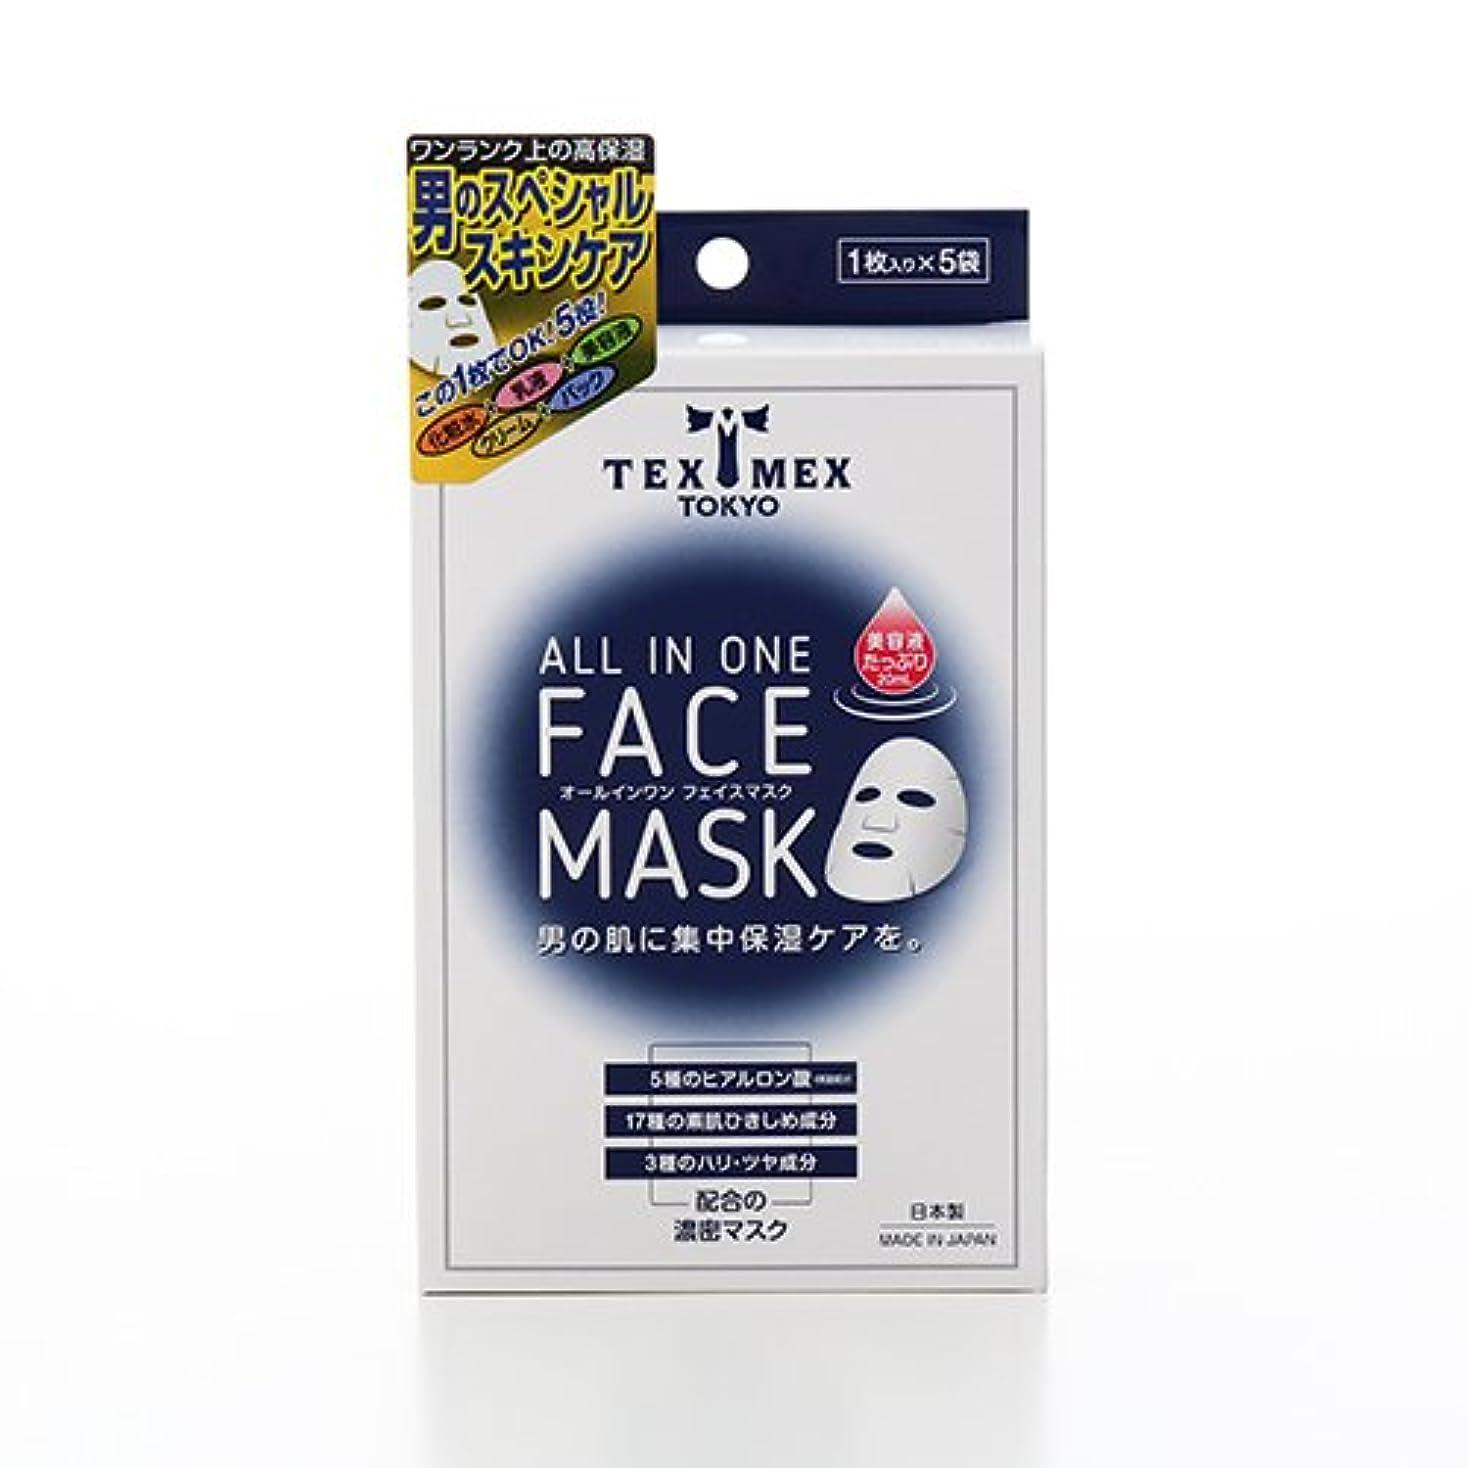 罪悪感ミントコークステックスメックス オールインワンフェイスマスク 5袋入り 【シート状美容マスク】